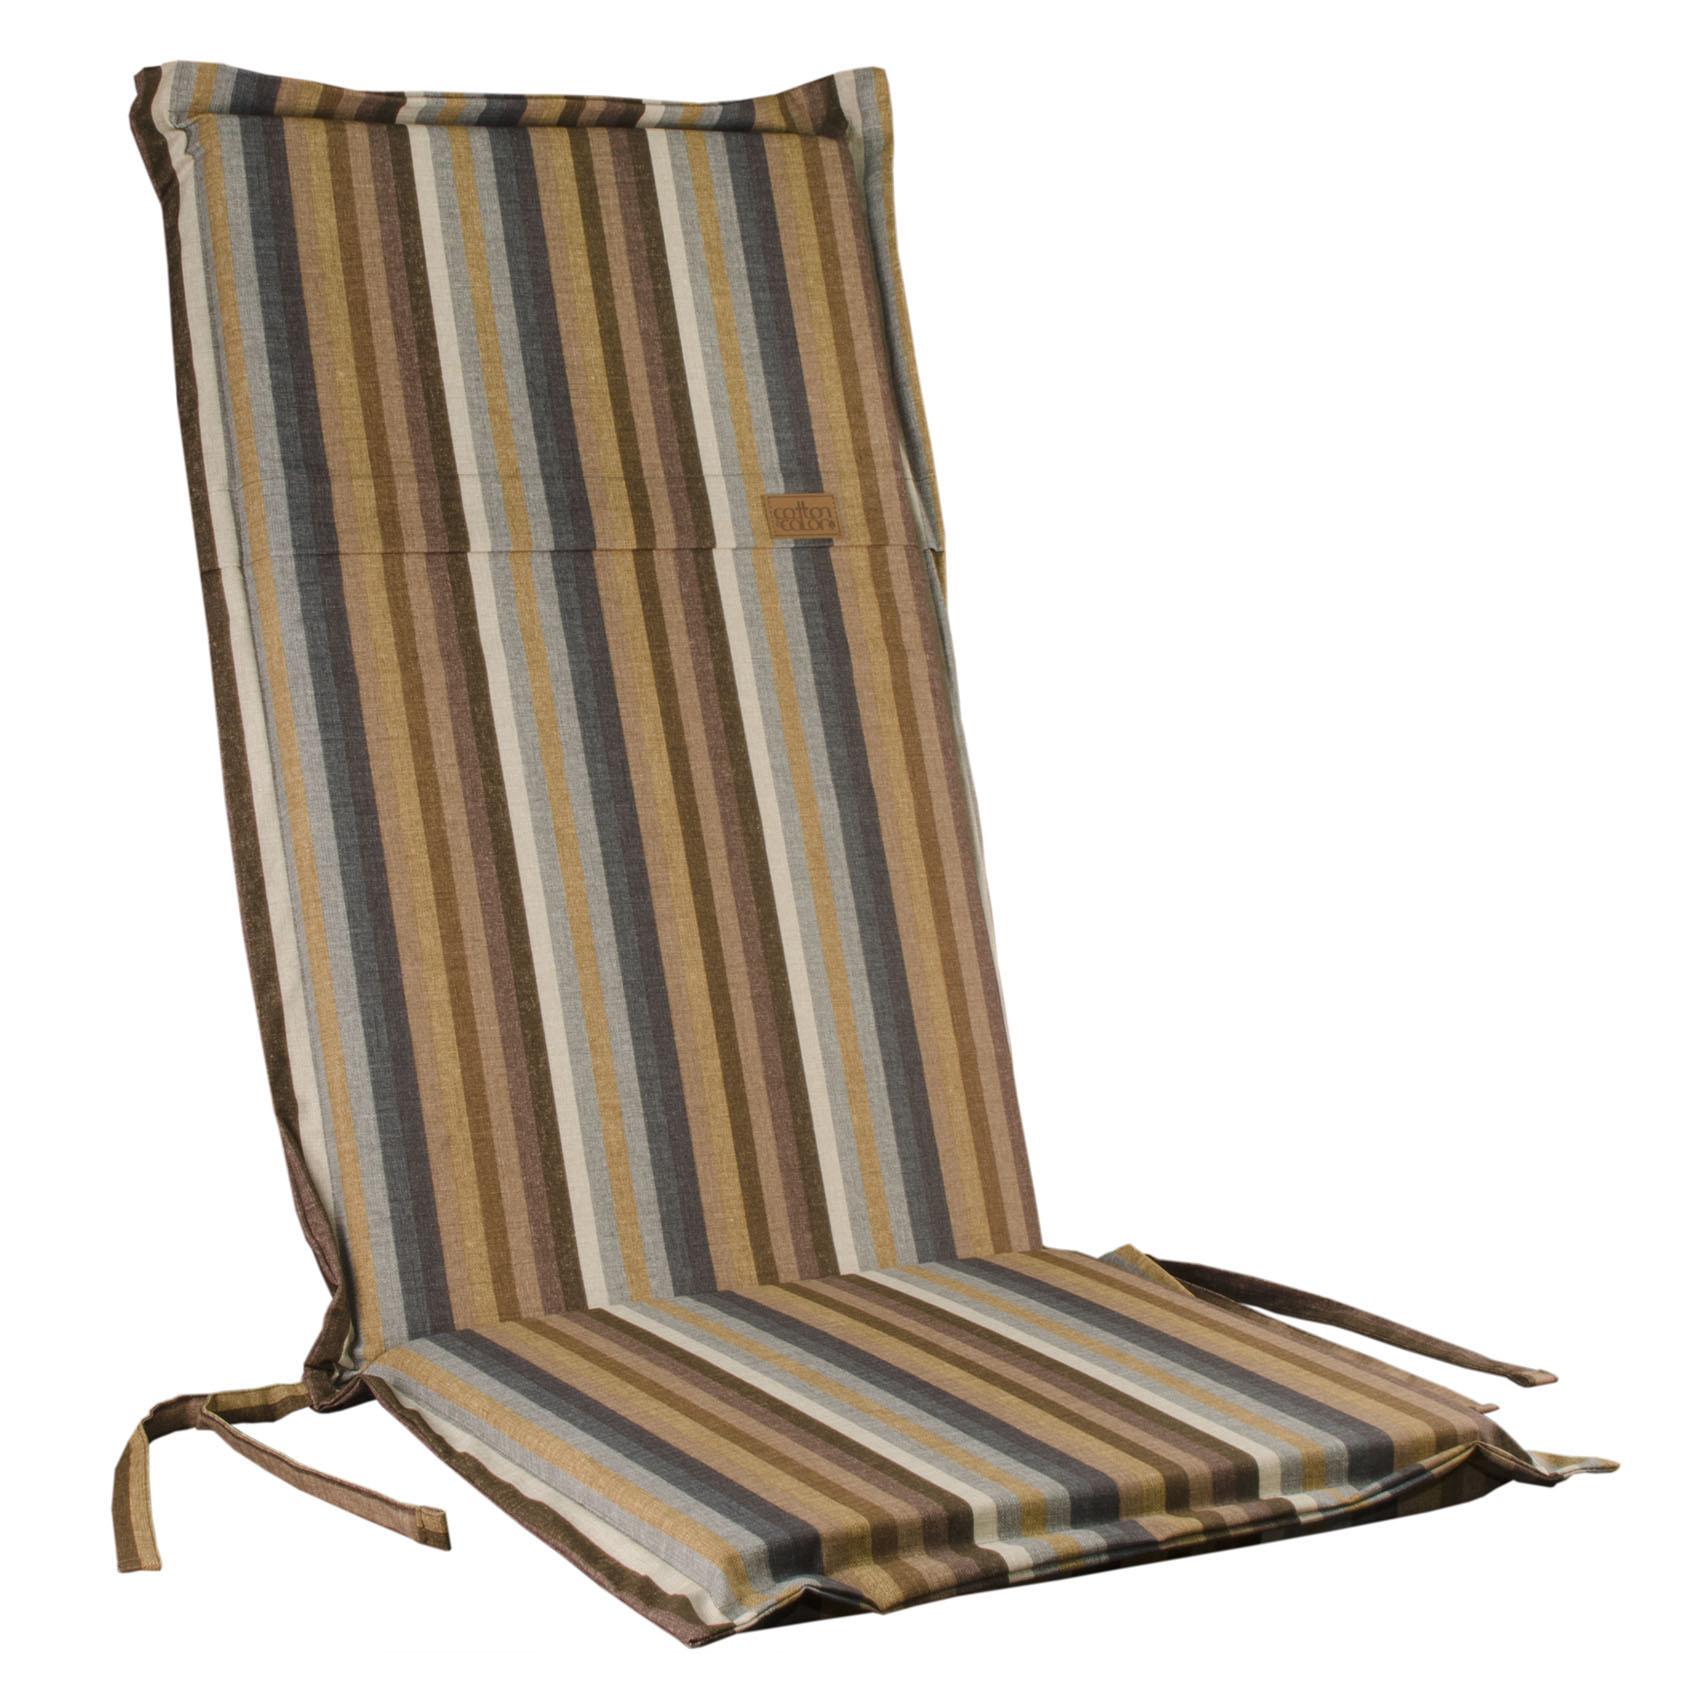 Подушка для кресла высокая спинка 125x52 Morbiflex (CSAR-R352-18)